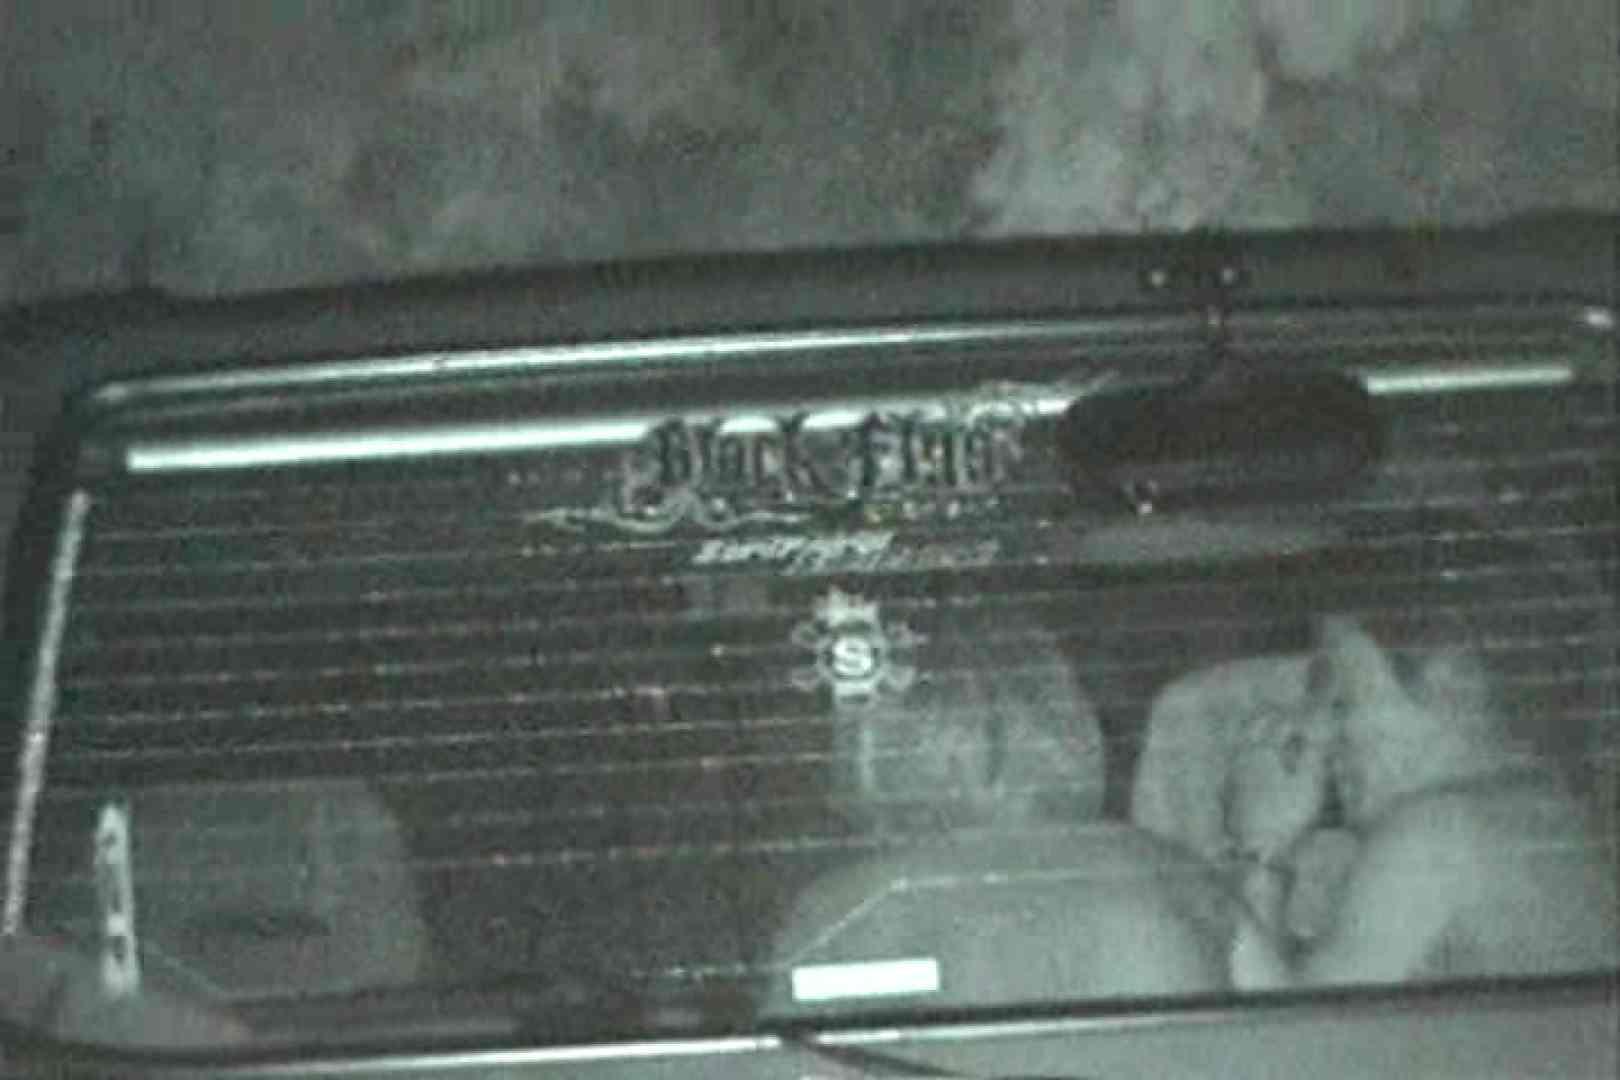 車の中はラブホテル 無修正版  Vol.23 盗撮特集 オマンコ動画キャプチャ 81画像 10